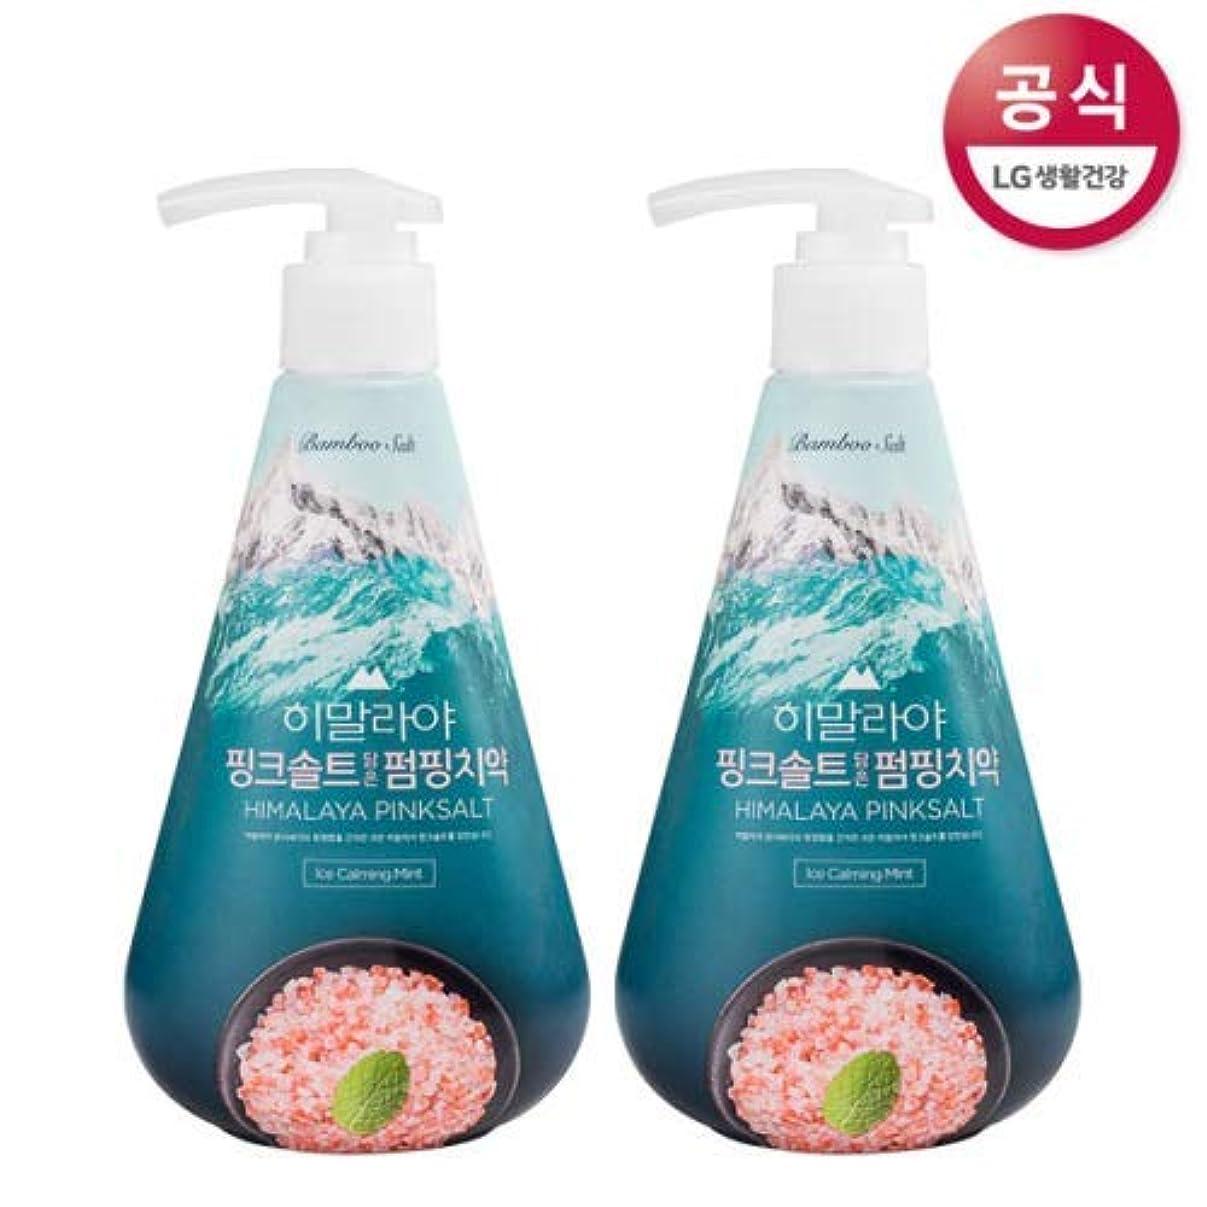 正確許さない解き明かす[LG Care/LG生活健康]ヒマラヤピンクソルトポンピング歯磨き粉アイスカミングミント285gx2個/歯磨きセットスペシャル?リミテッドToothpaste Set Special Limited Korea(海外直送品)